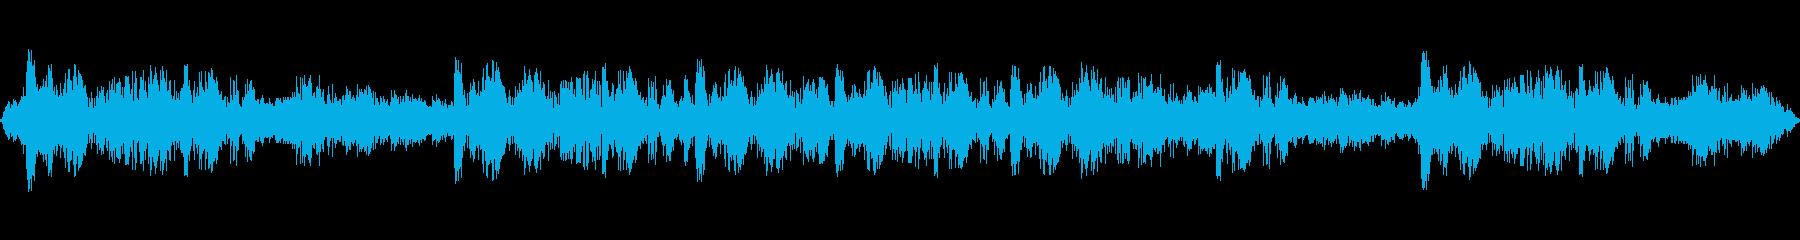 サンダークラックスアンドロールス、...の再生済みの波形